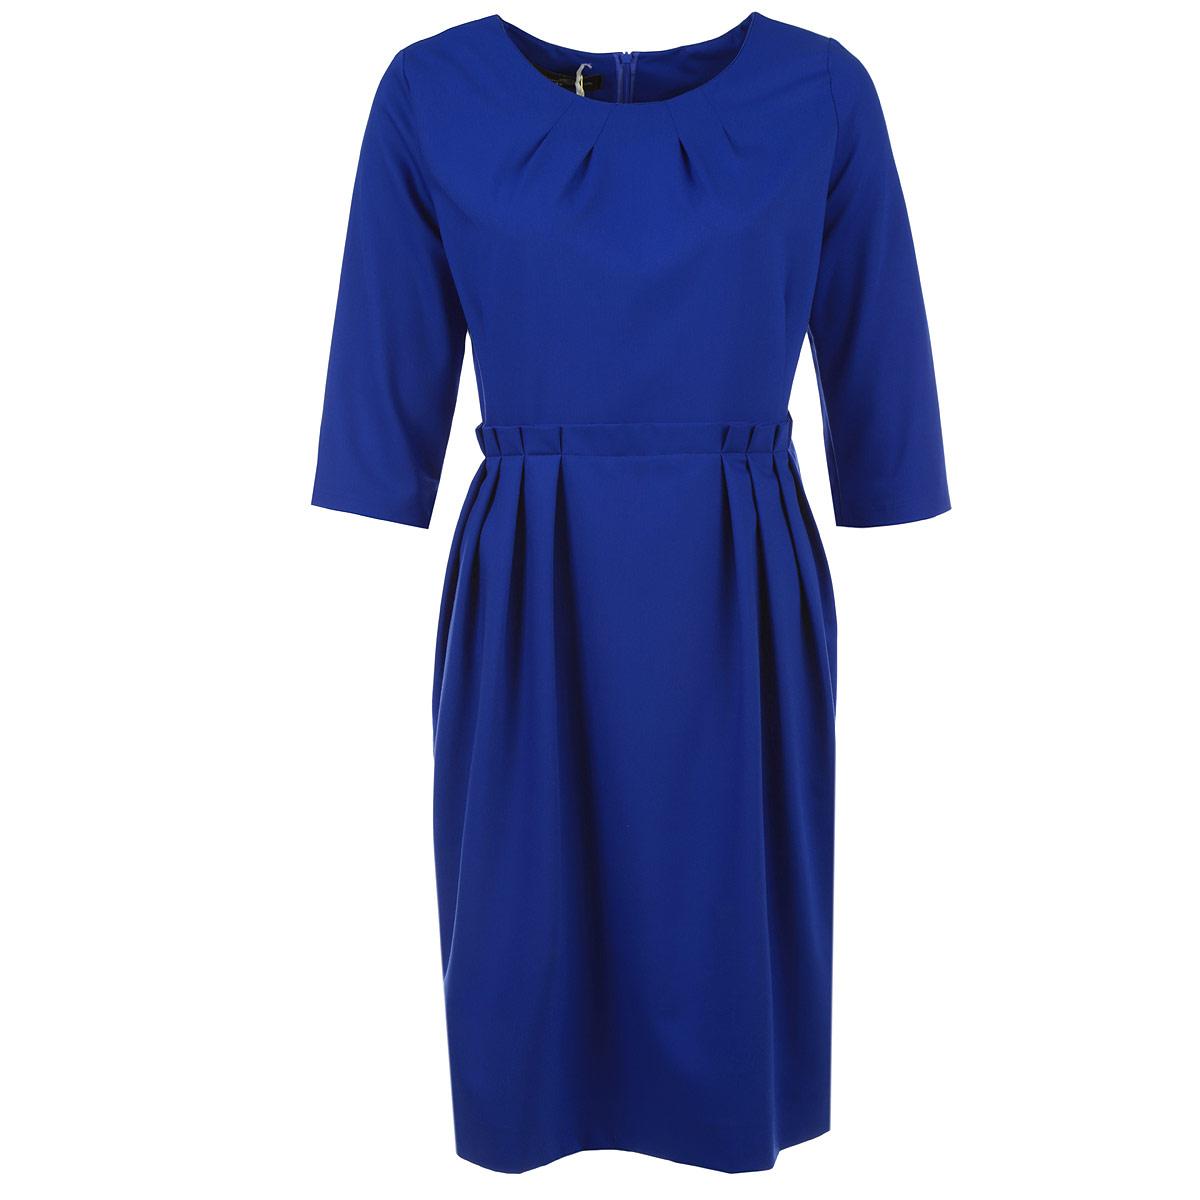 Платье1020MЭлегантное платье Milana Style изготовлено из высококачественного плотного материала. Такое платье обеспечит вам комфорт и удобство при носке. Платье с рукавами до локтя и с круглым вырезом горловины понравится любой ценительнице классического стиля. Платье имеет пришивную расклешенную юбку средней длины. Застегивается изделие на потайную молнию на спинке. На талии модель оформлена декоративными складками. Сзади на юбке предусмотрен разрез. Приталенный силуэт великолепно подчеркнет достоинства фигуры. Изысканный наряд создаст обворожительный неповторимый образ. Это модное и удобное платье станет превосходным дополнением к вашему гардеробу, оно подарит вам удобство и поможет вам подчеркнуть свой вкус и неповторимый стиль.